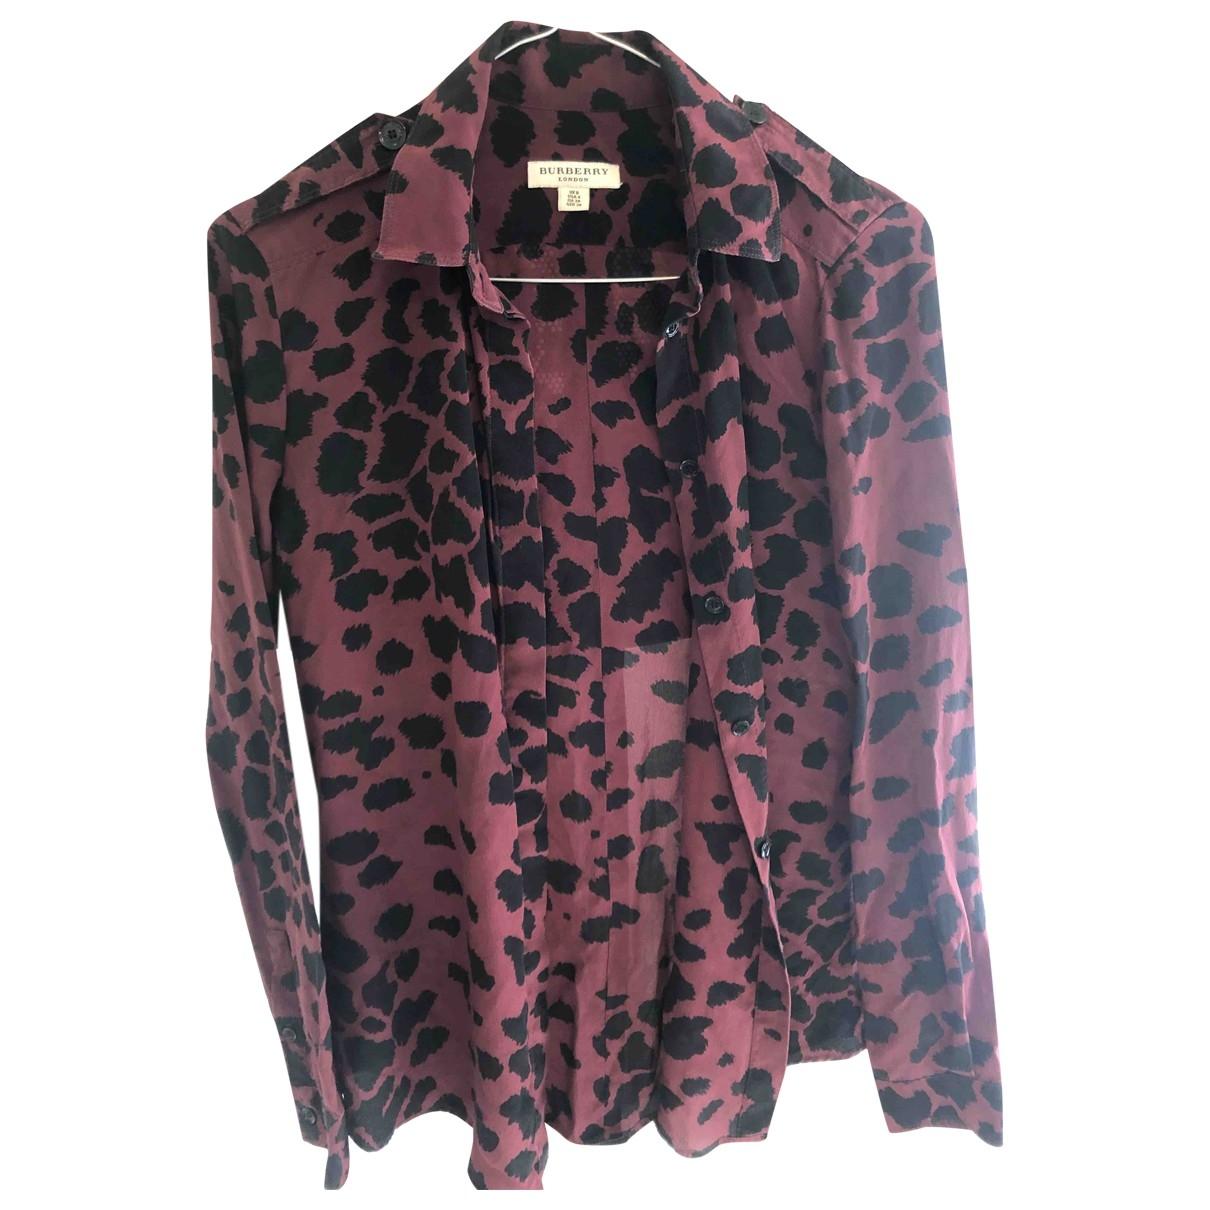 Camisa de Seda Burberry